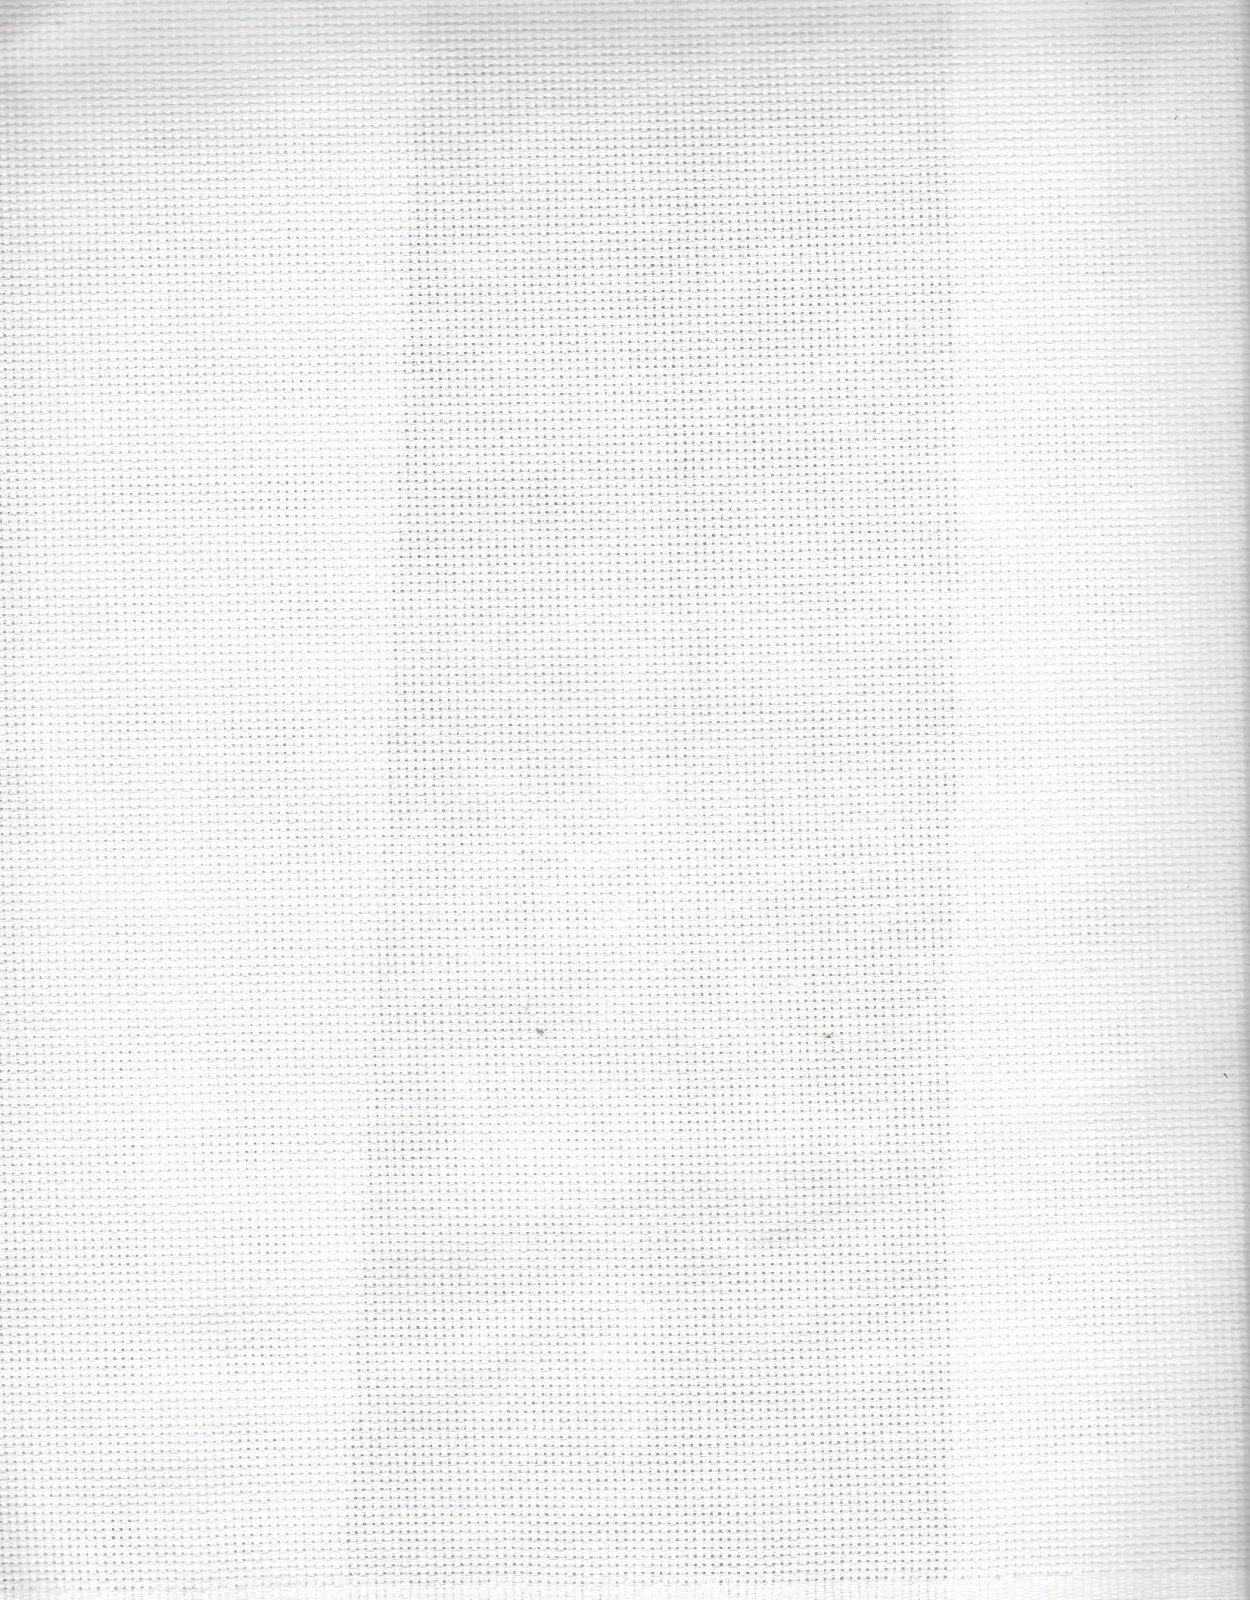 Aida 18ct Antique White